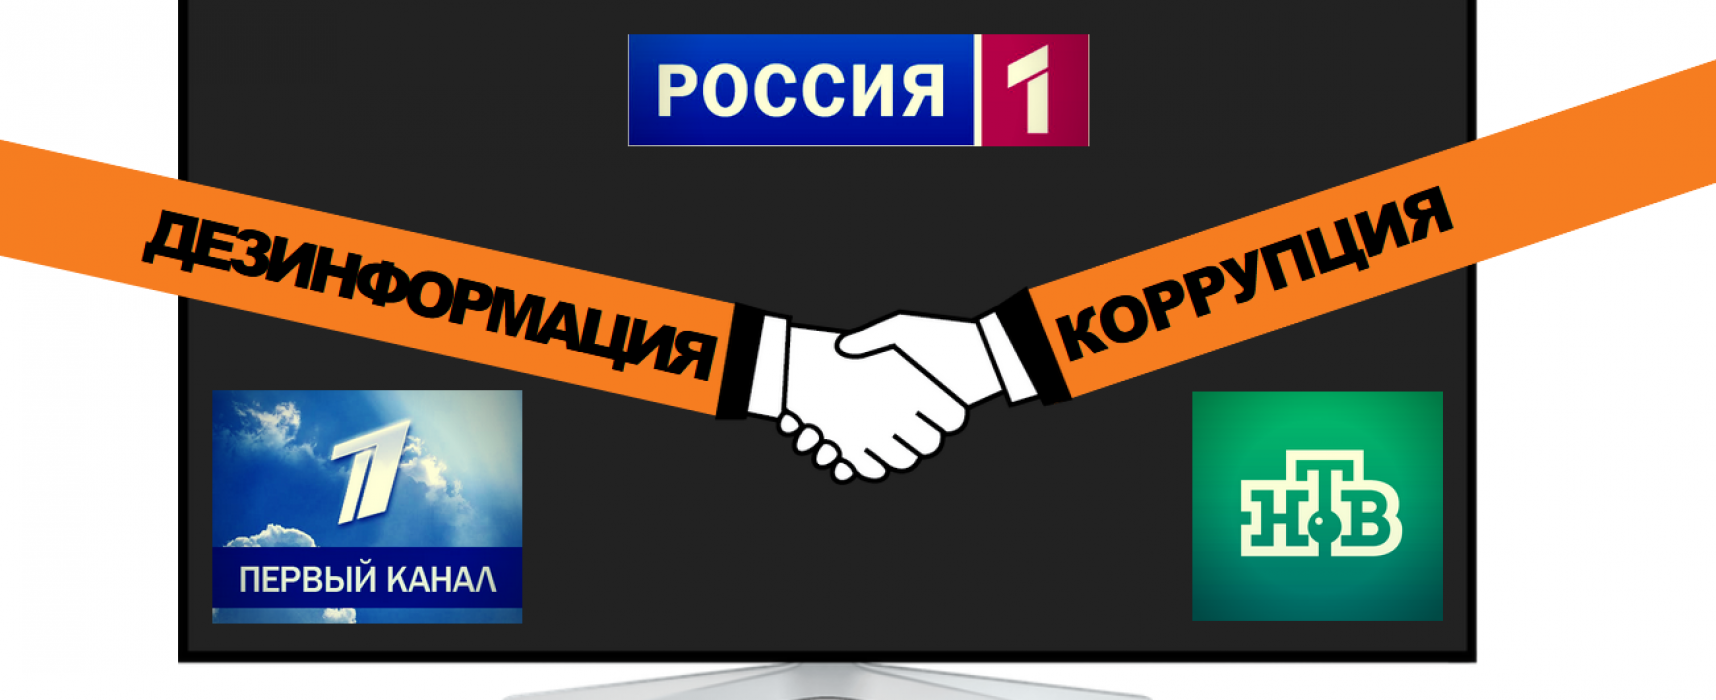 Corrupción y desinformación – detrás de las escenas de la televisión rusa